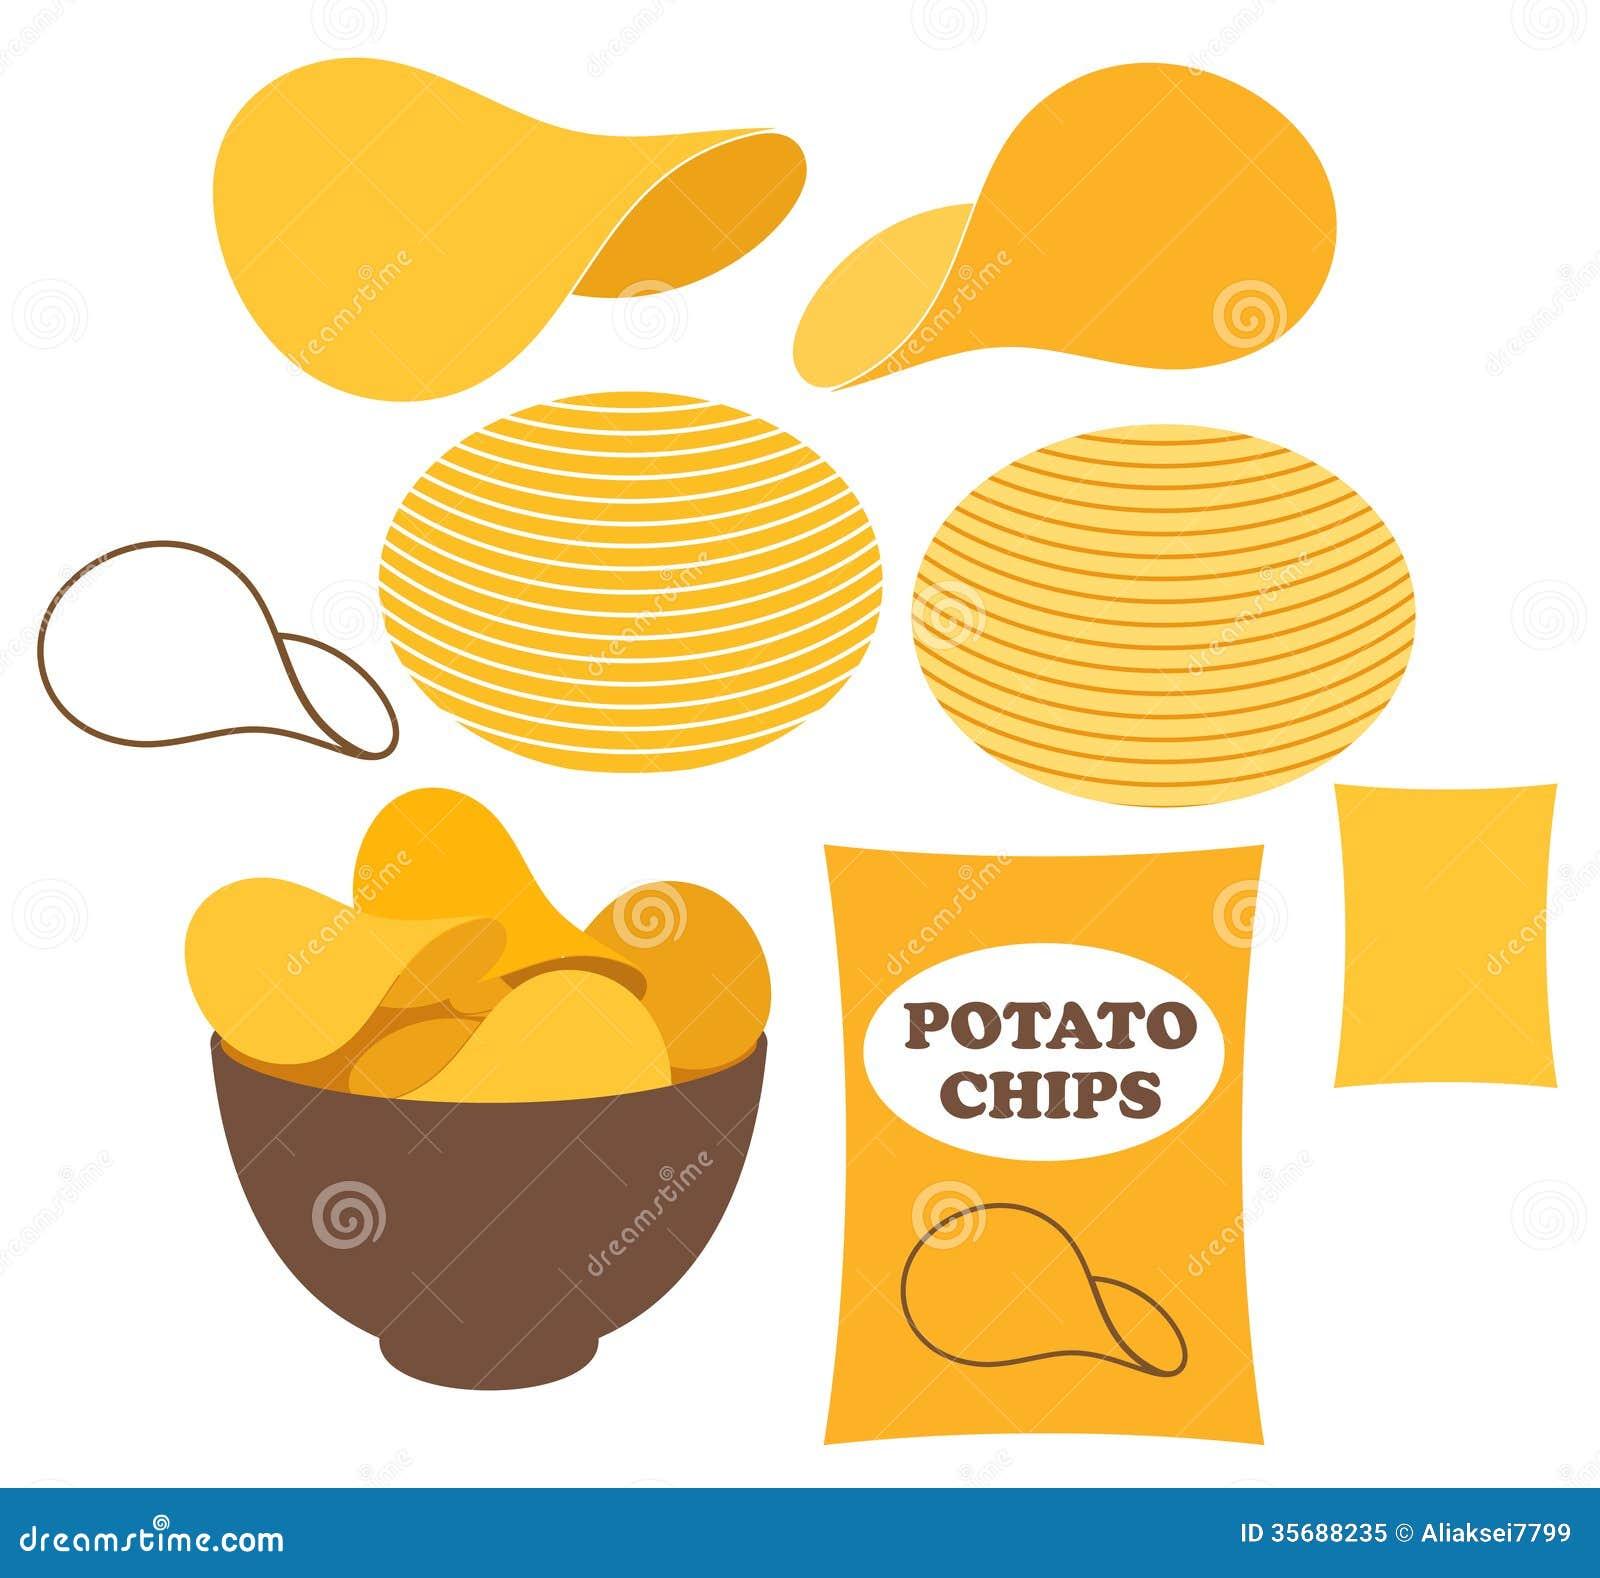 Potato Chips Bag Stock Images RoyaltyFree Images